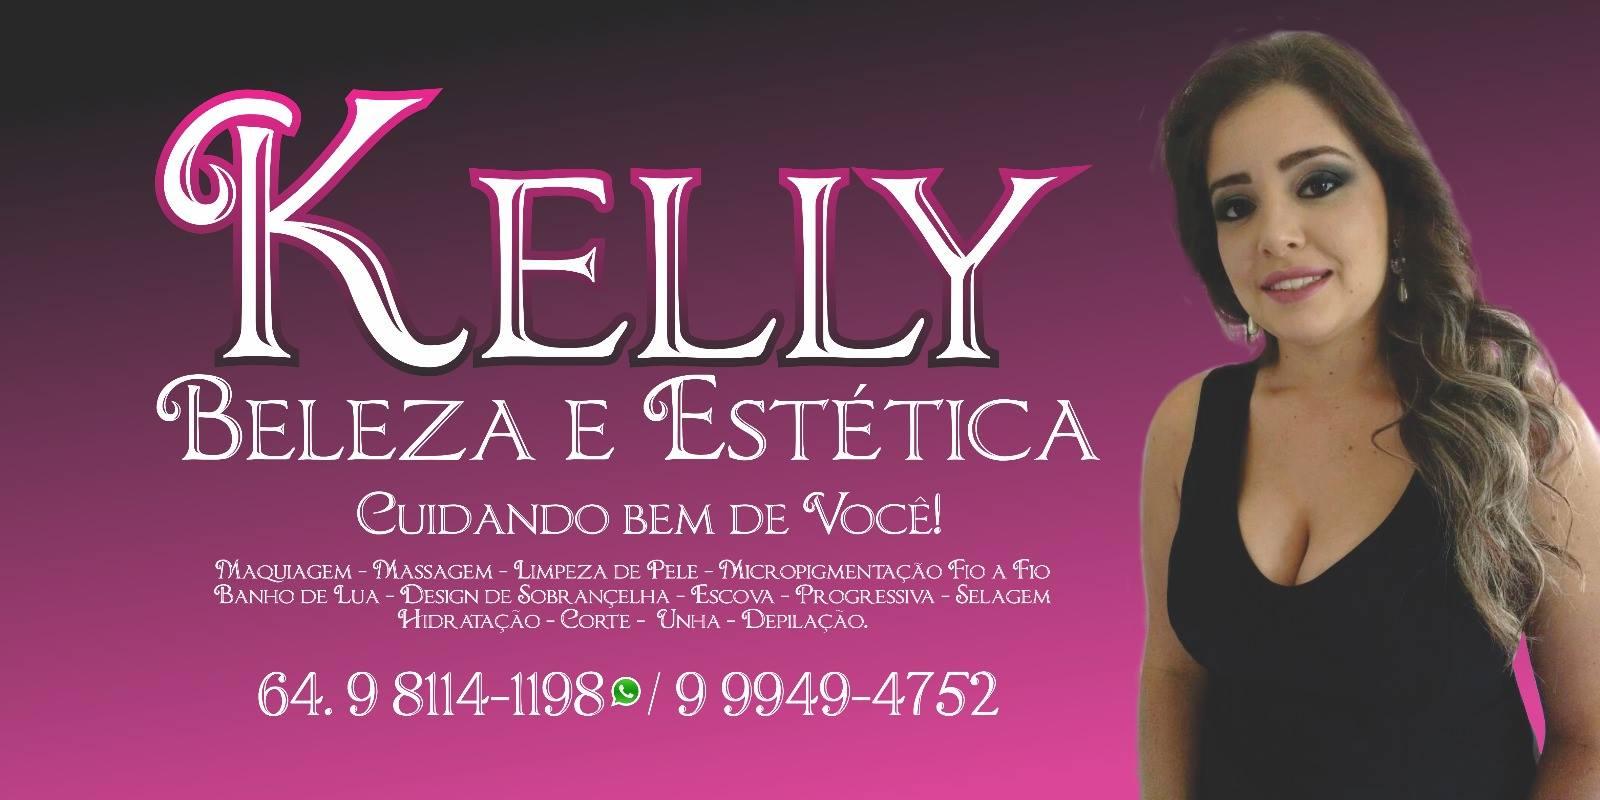 KELLY BELEZA E ESTÉTICA  9 8114,1198 / 9 9949,4752 NA ESQUINA DO LAVA JATO DO BASTIÃO